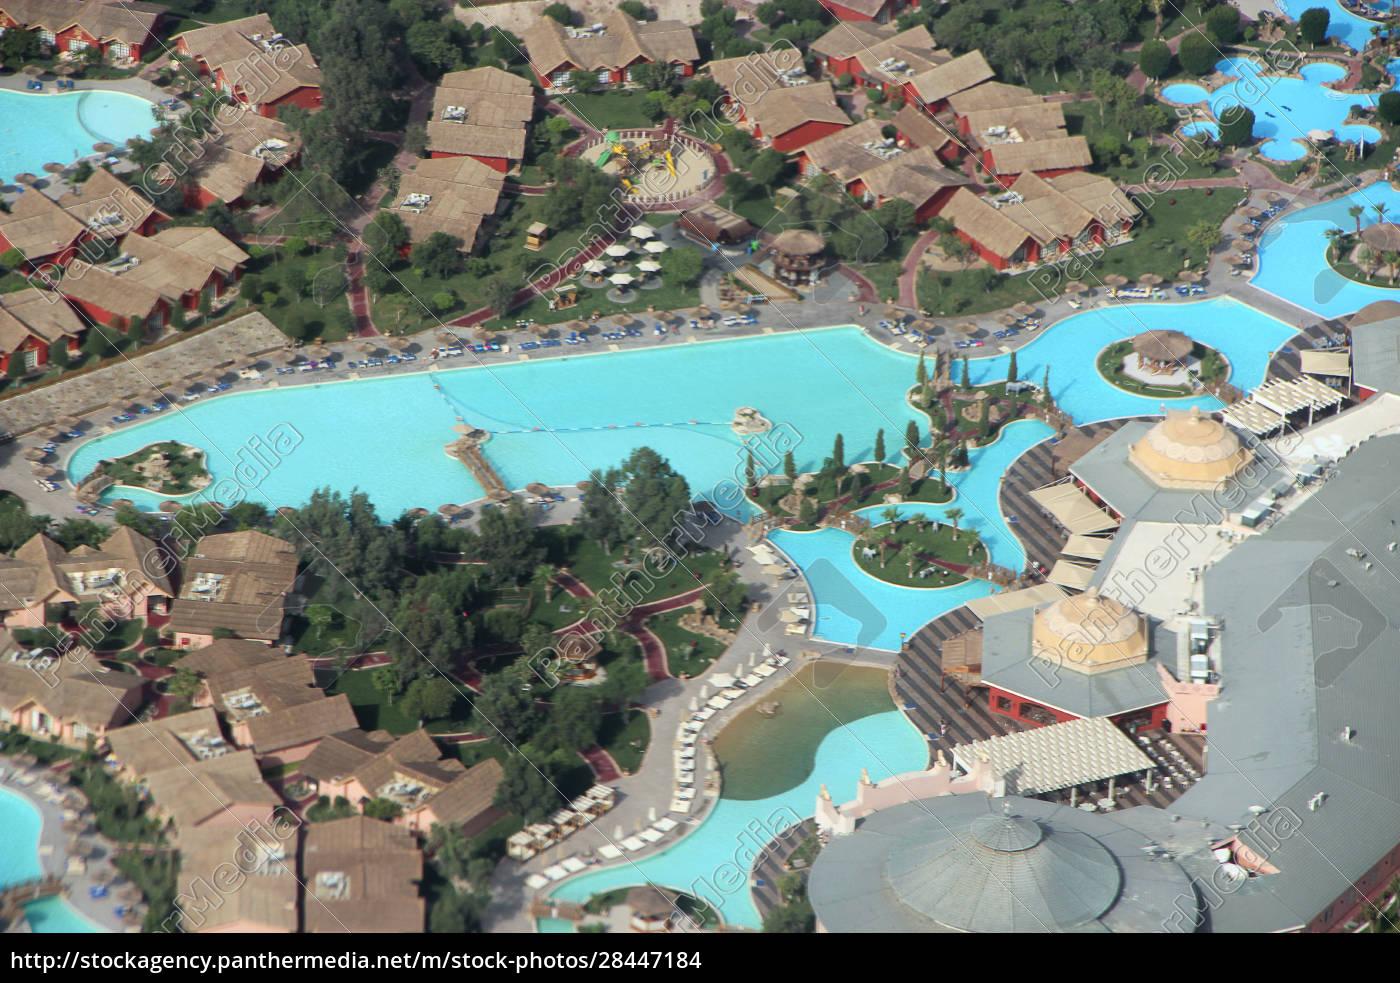 blick, auf, ägyptische, resorts, mit, pools - 28447184